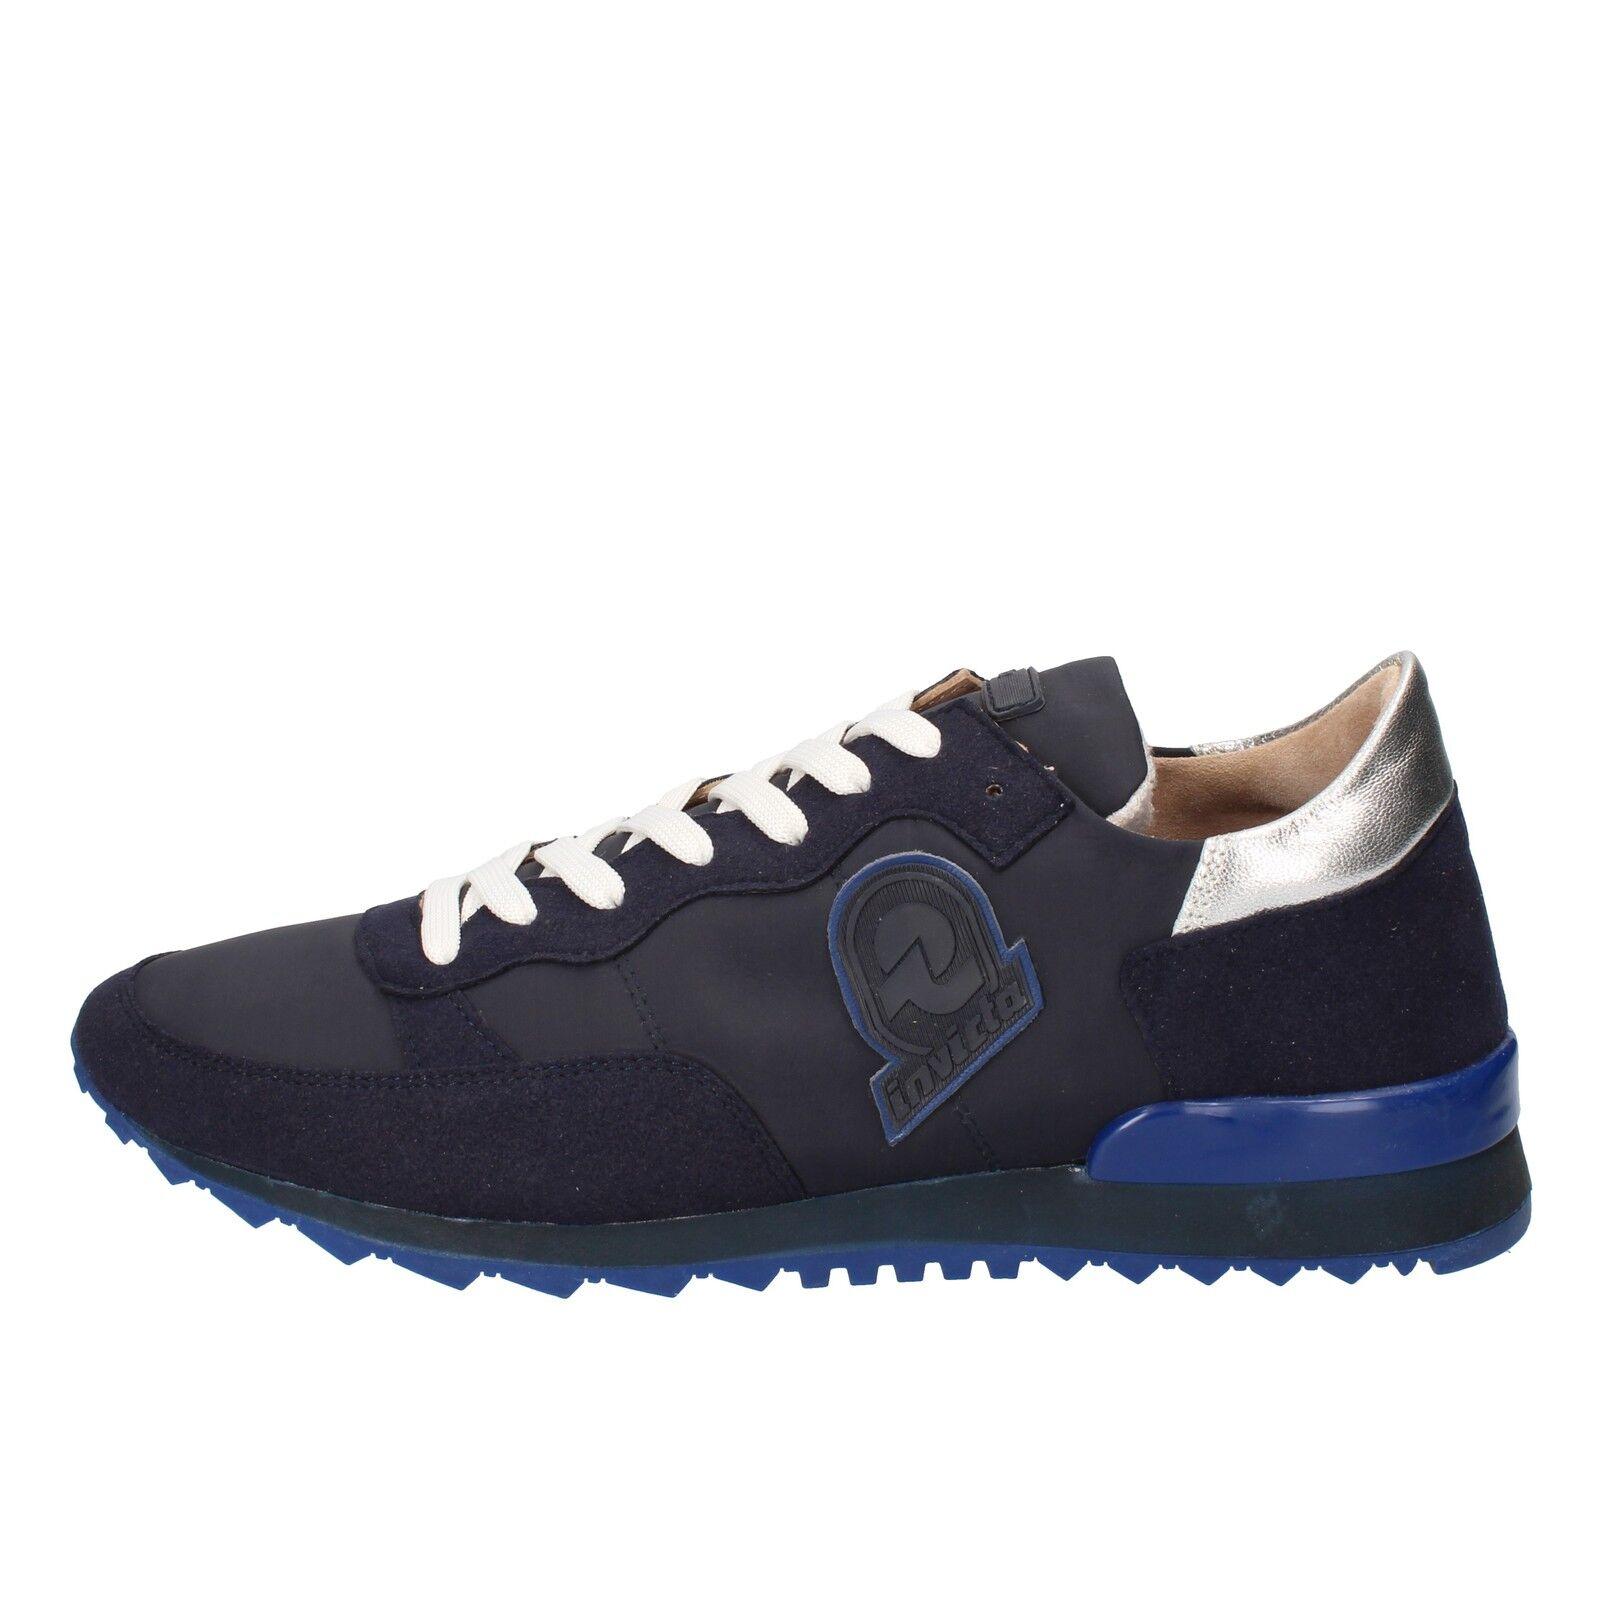 Herren schuhe INVICTA 41 EU sneakers dunkel blau wildleder textil AB66-C